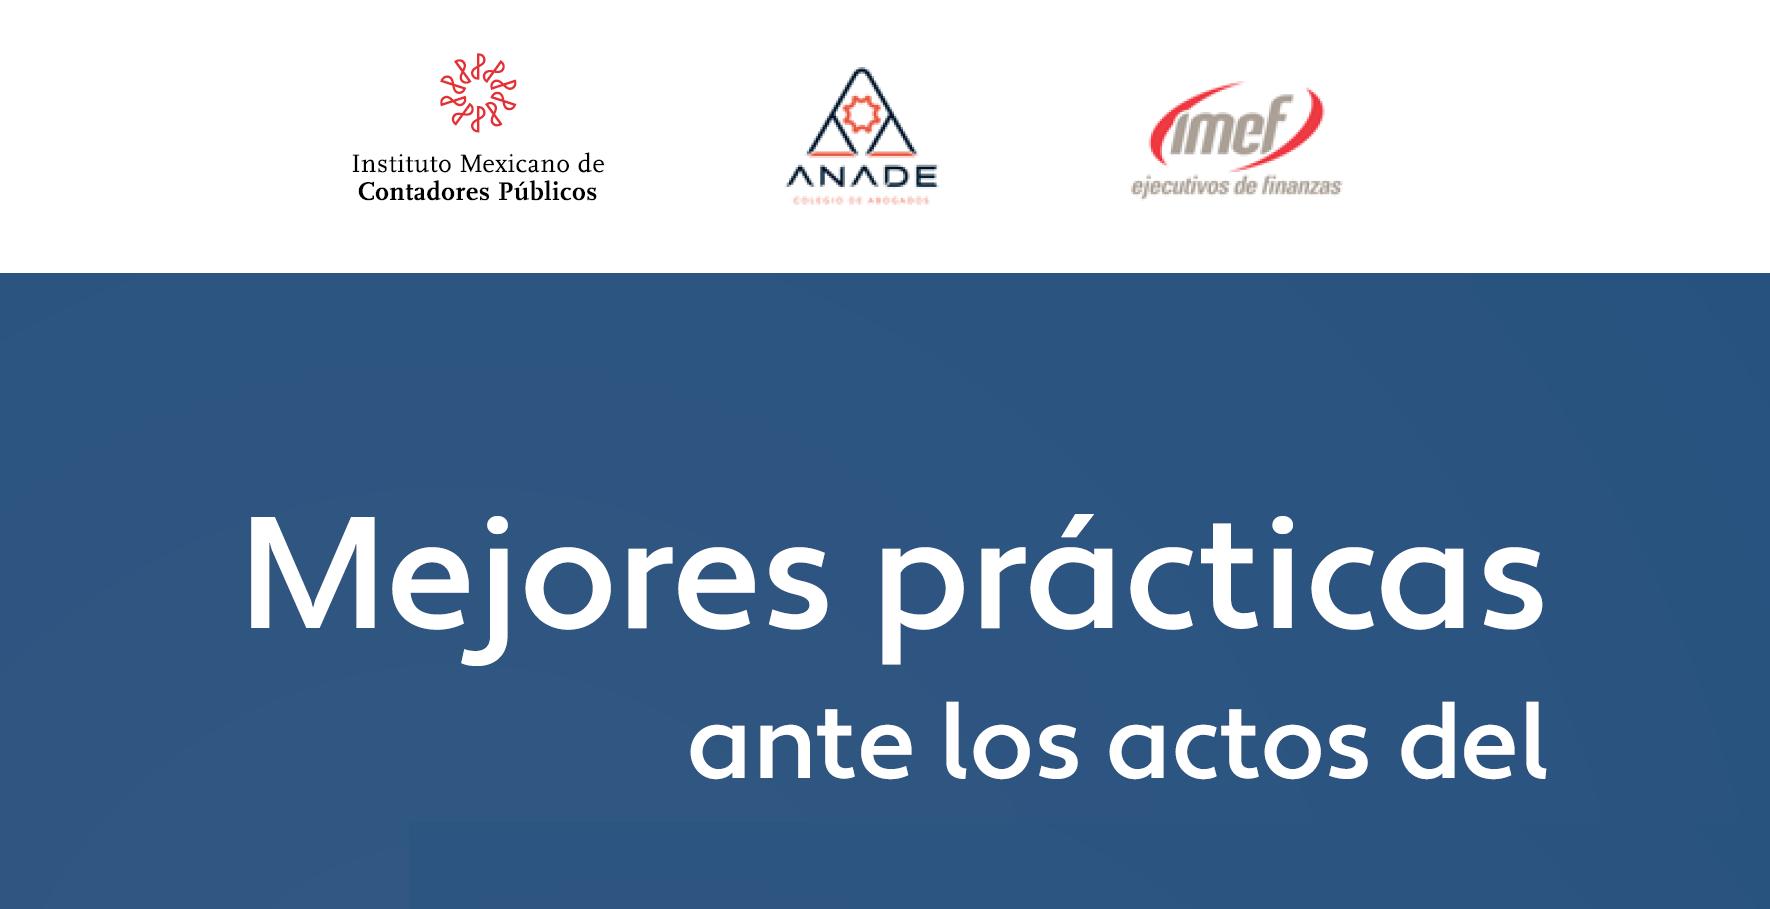 Comunicado No.: 35/2019-2020 IMCP ANADE IMEF. Guía de Mejores prácticas ante los actos del Servicio de Administración Tributaria.